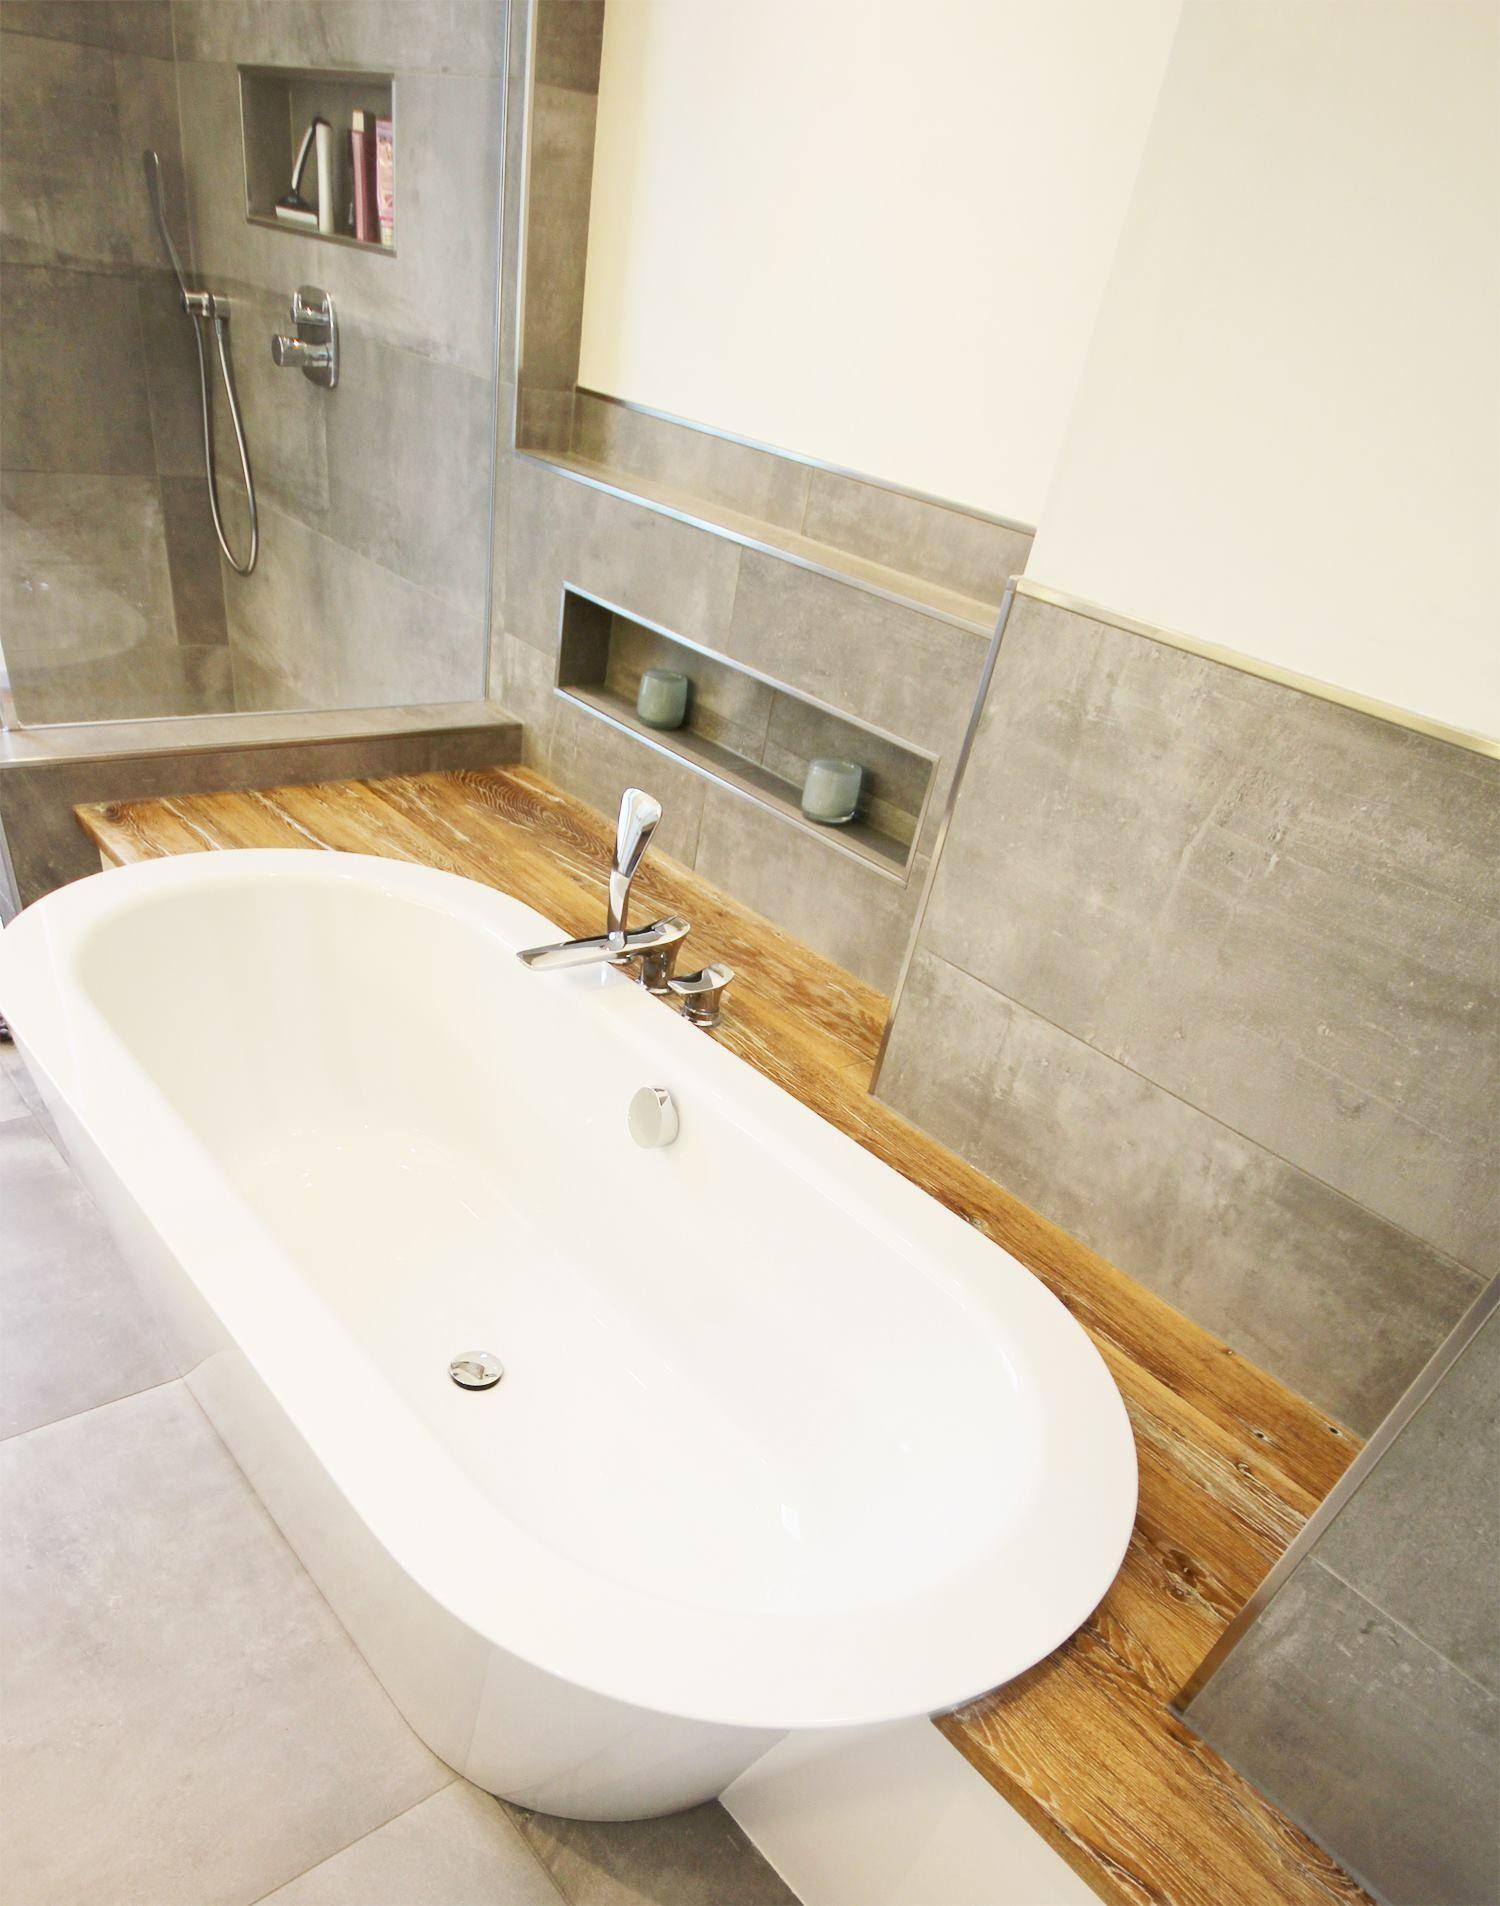 Alte Bootsstege Im Bad Wir Bleiben Umweltfreundlich Badezimmer Badezimmerideen Bad Design